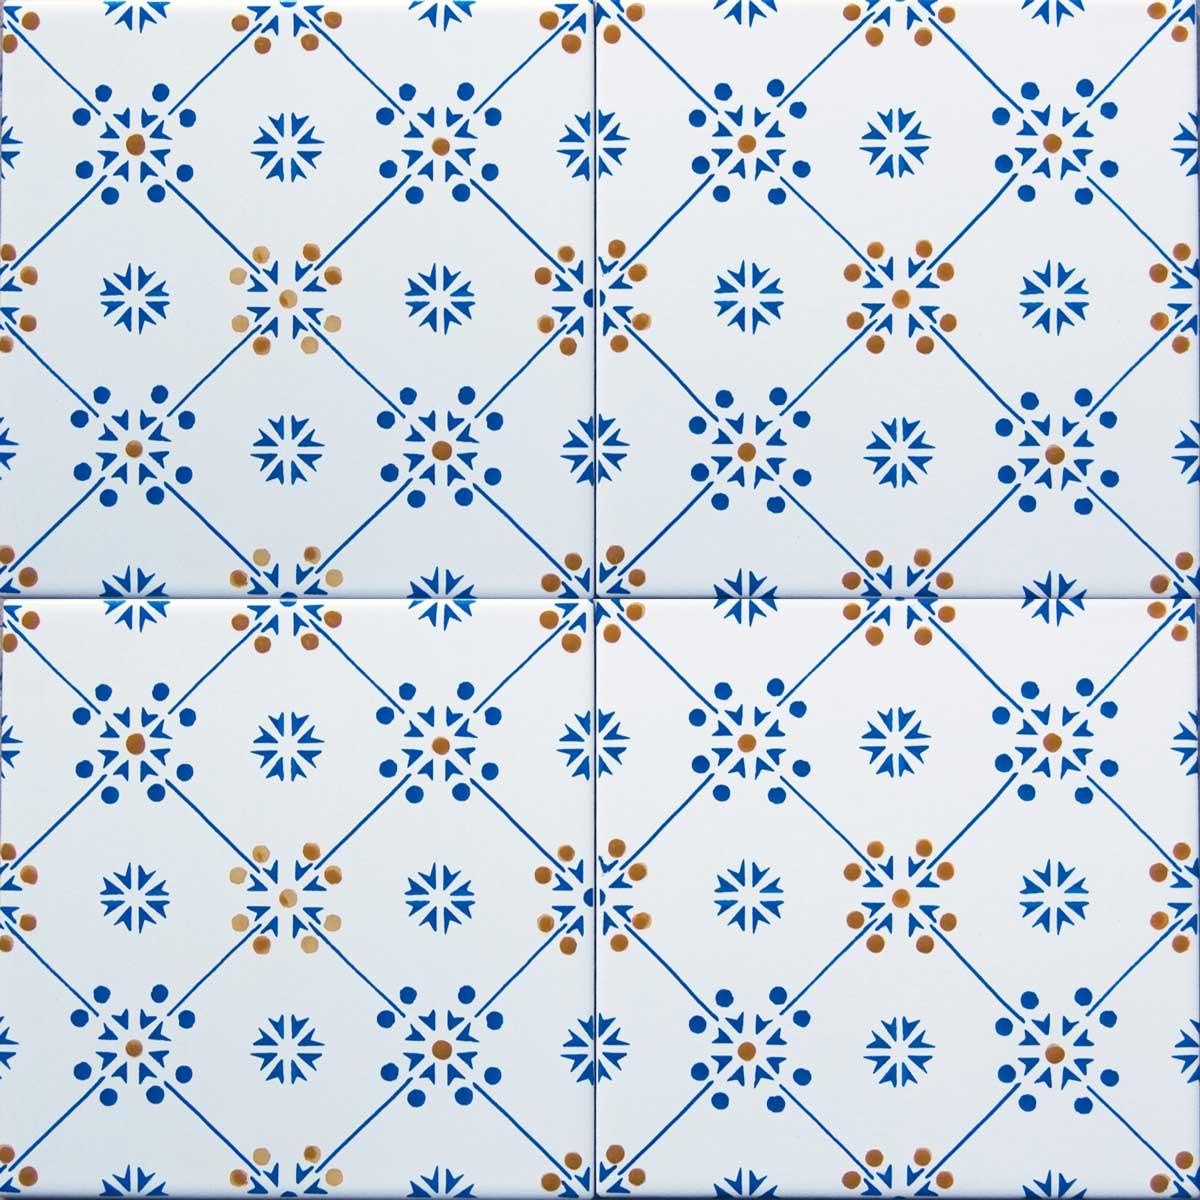 Piastrelle Decorative Per Tavoli composizione di mattonelle decorate a mano mod n8a8 | artesole